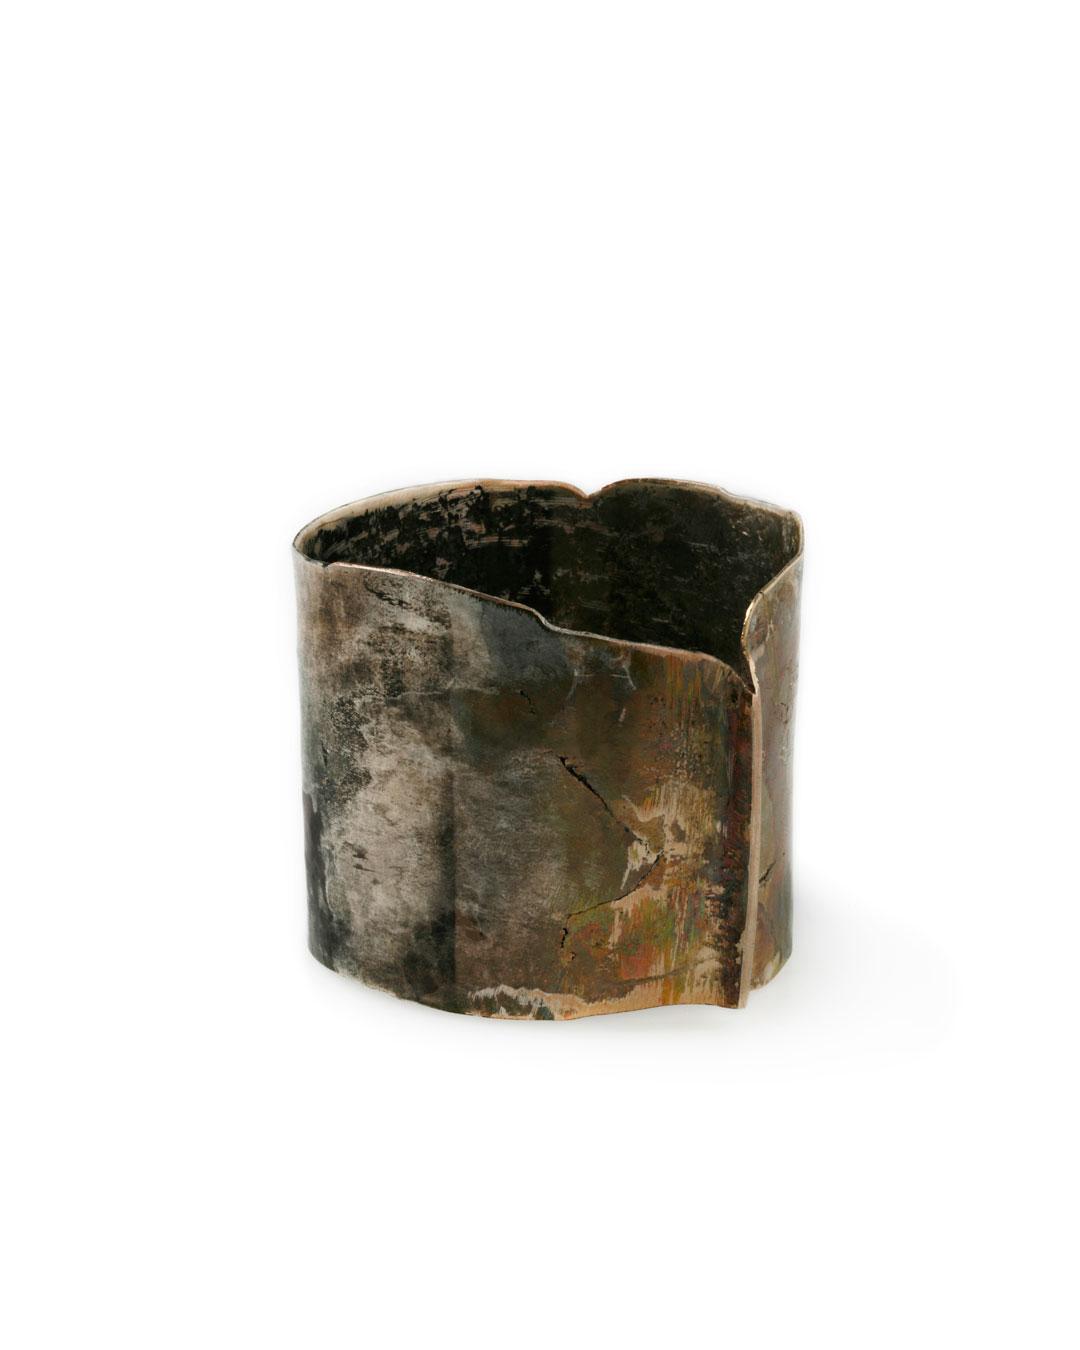 Rudolf Kocéa, V - Wald (Wood), 2011, bracelet; silver, copper, 67 x 78 x 84 mm, €1985